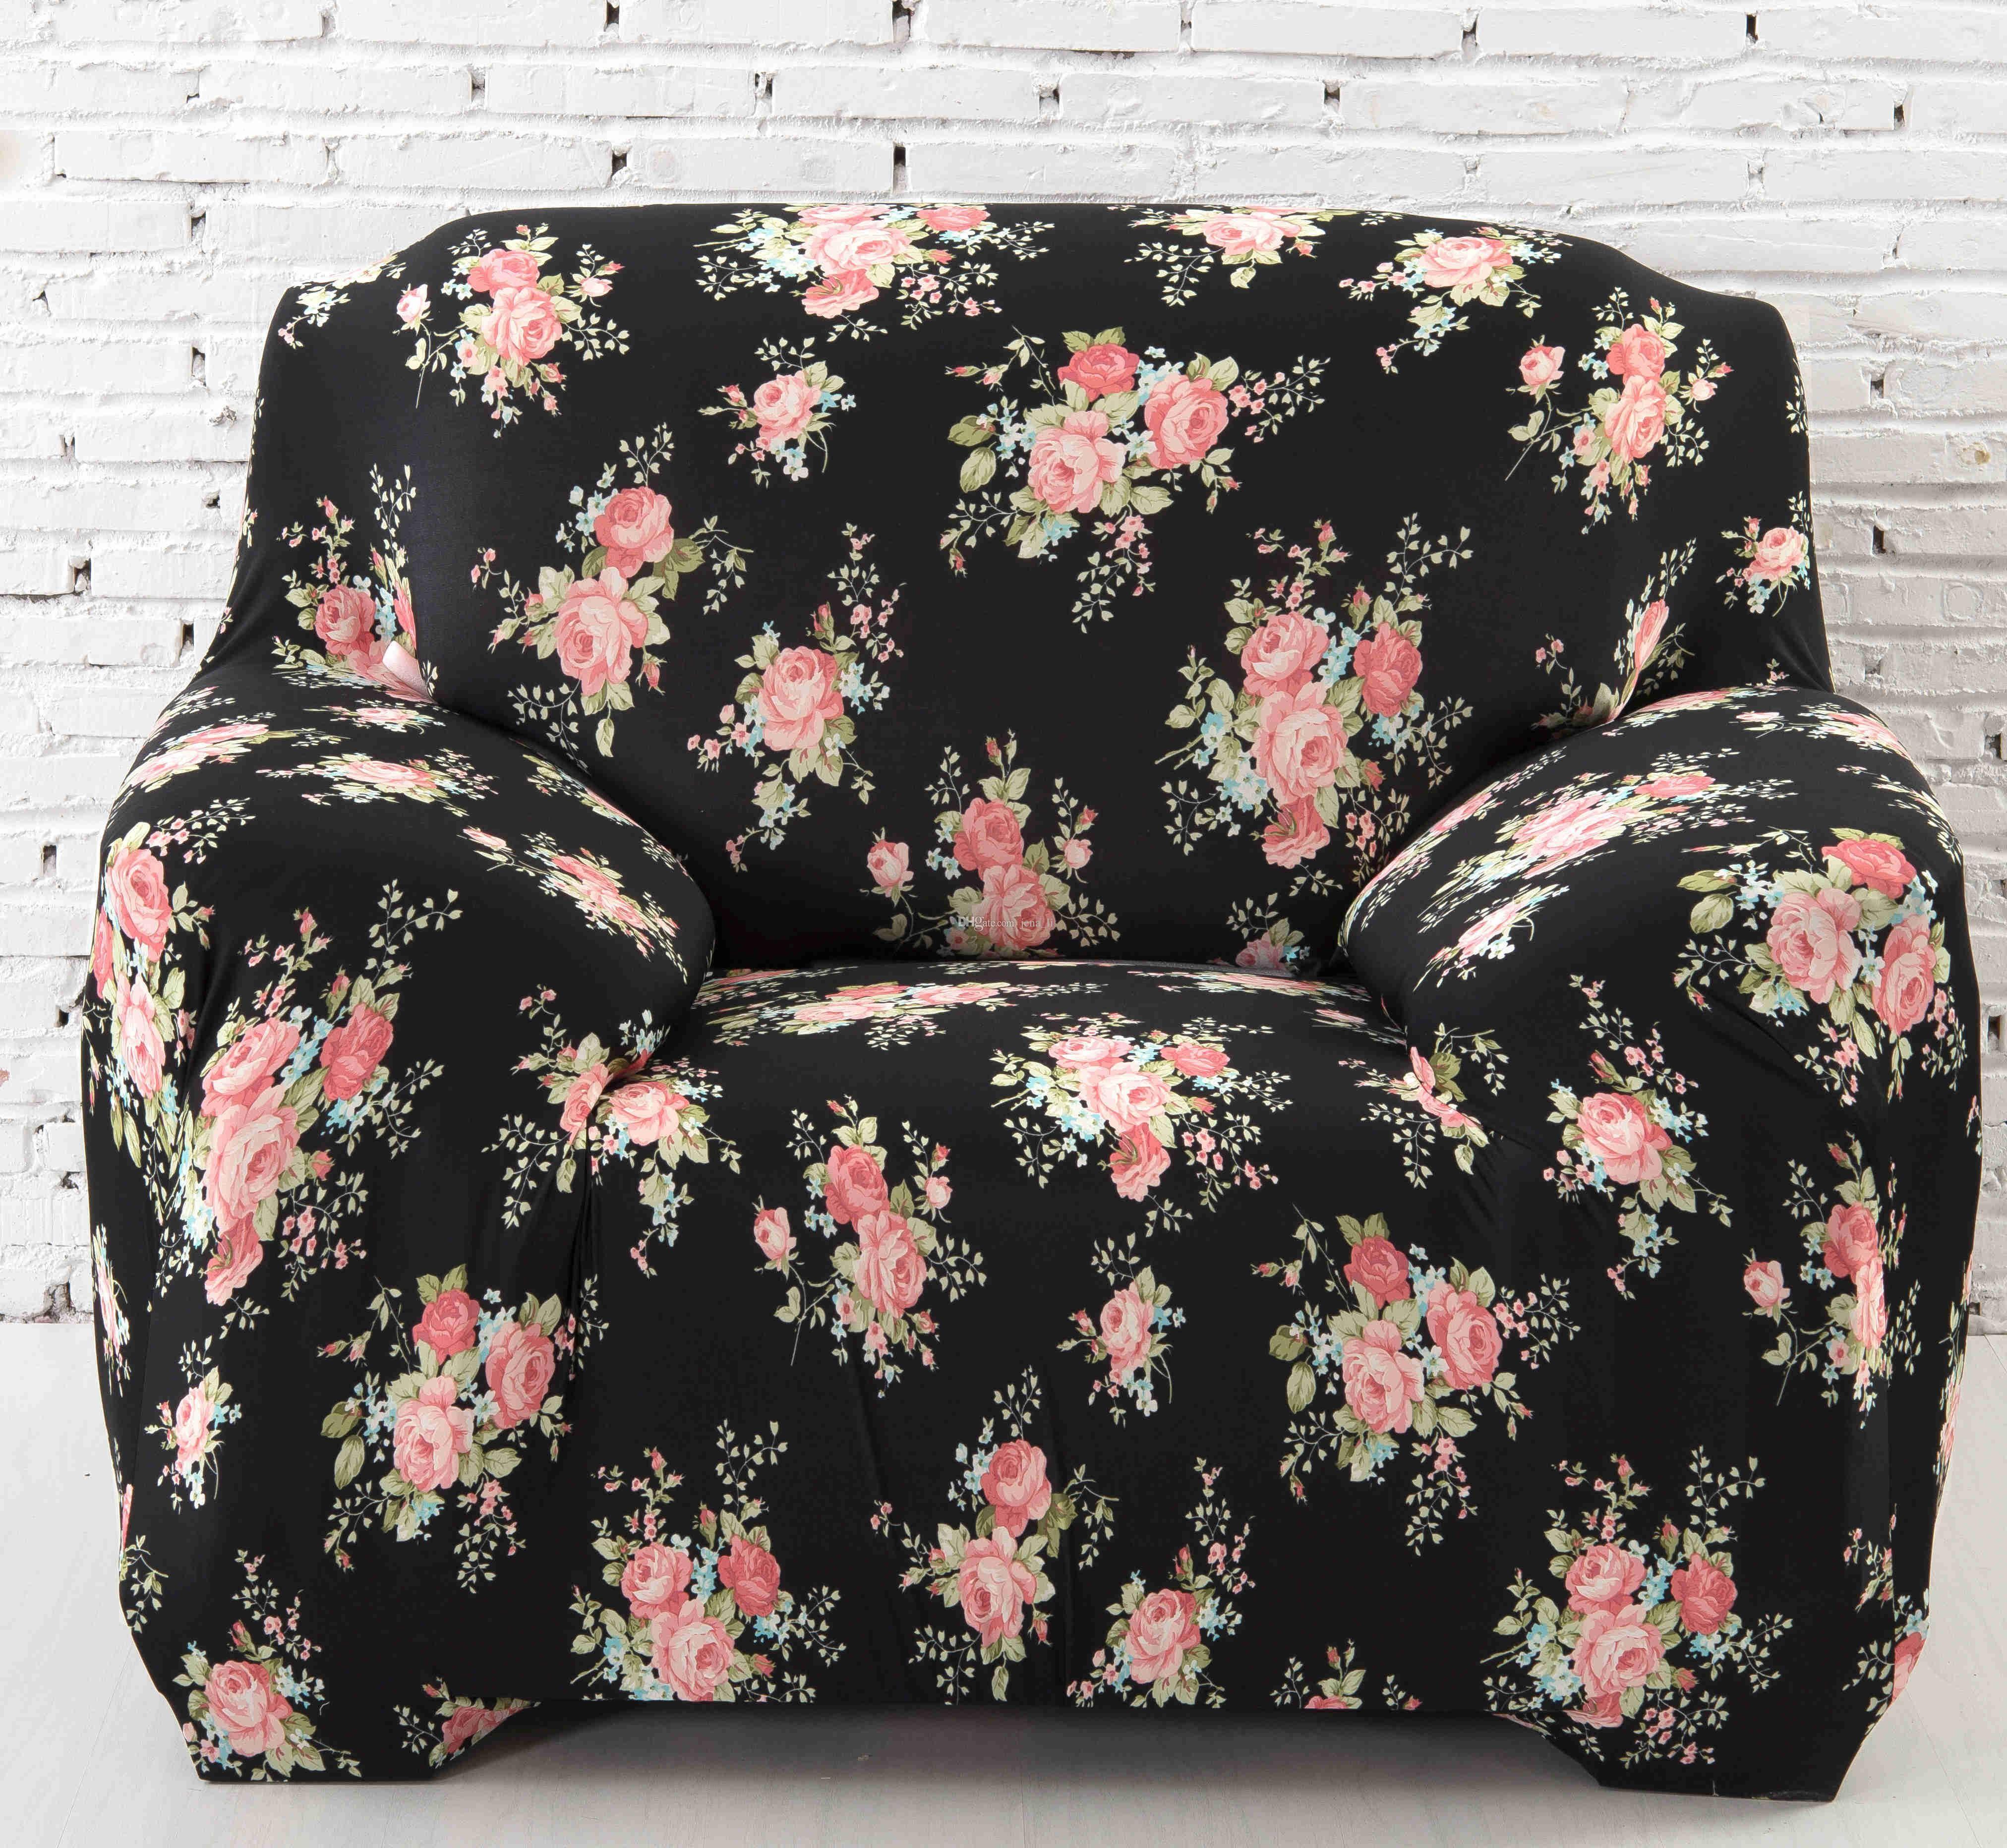 Elastic Sofa Cover Spandex Fabric Sofa Cover Stretch Sofa Slipcover Black Rose Dropship Dining Chair Slipcovers Slipc Printed Sofa Fabric Sofa Cover Slipcovers